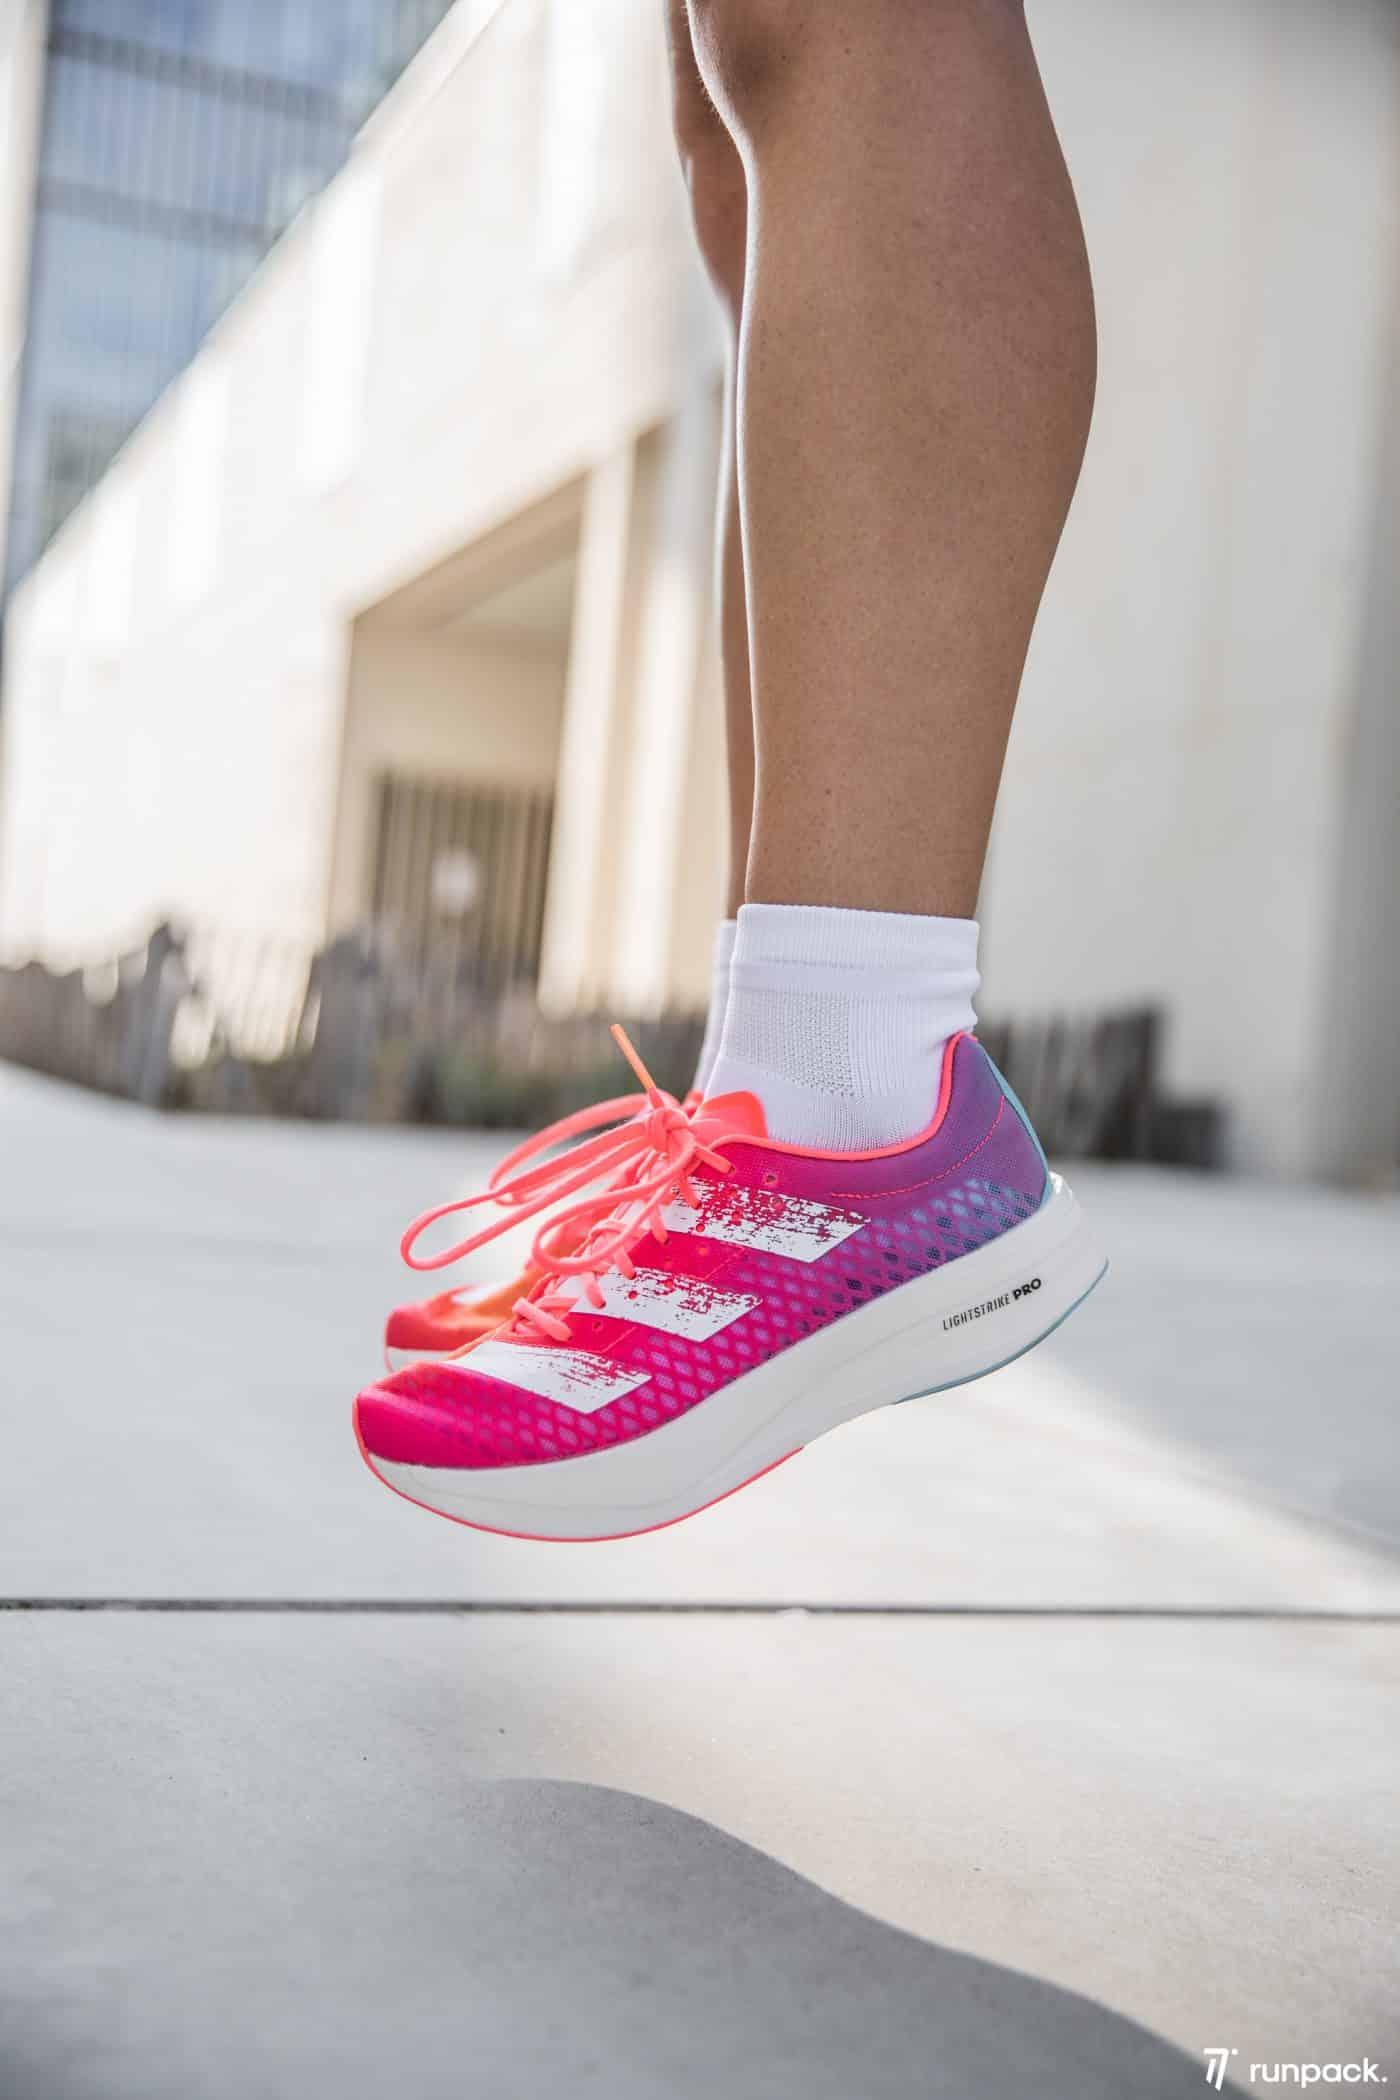 runpack_adidas_adizero_adios_pro_24